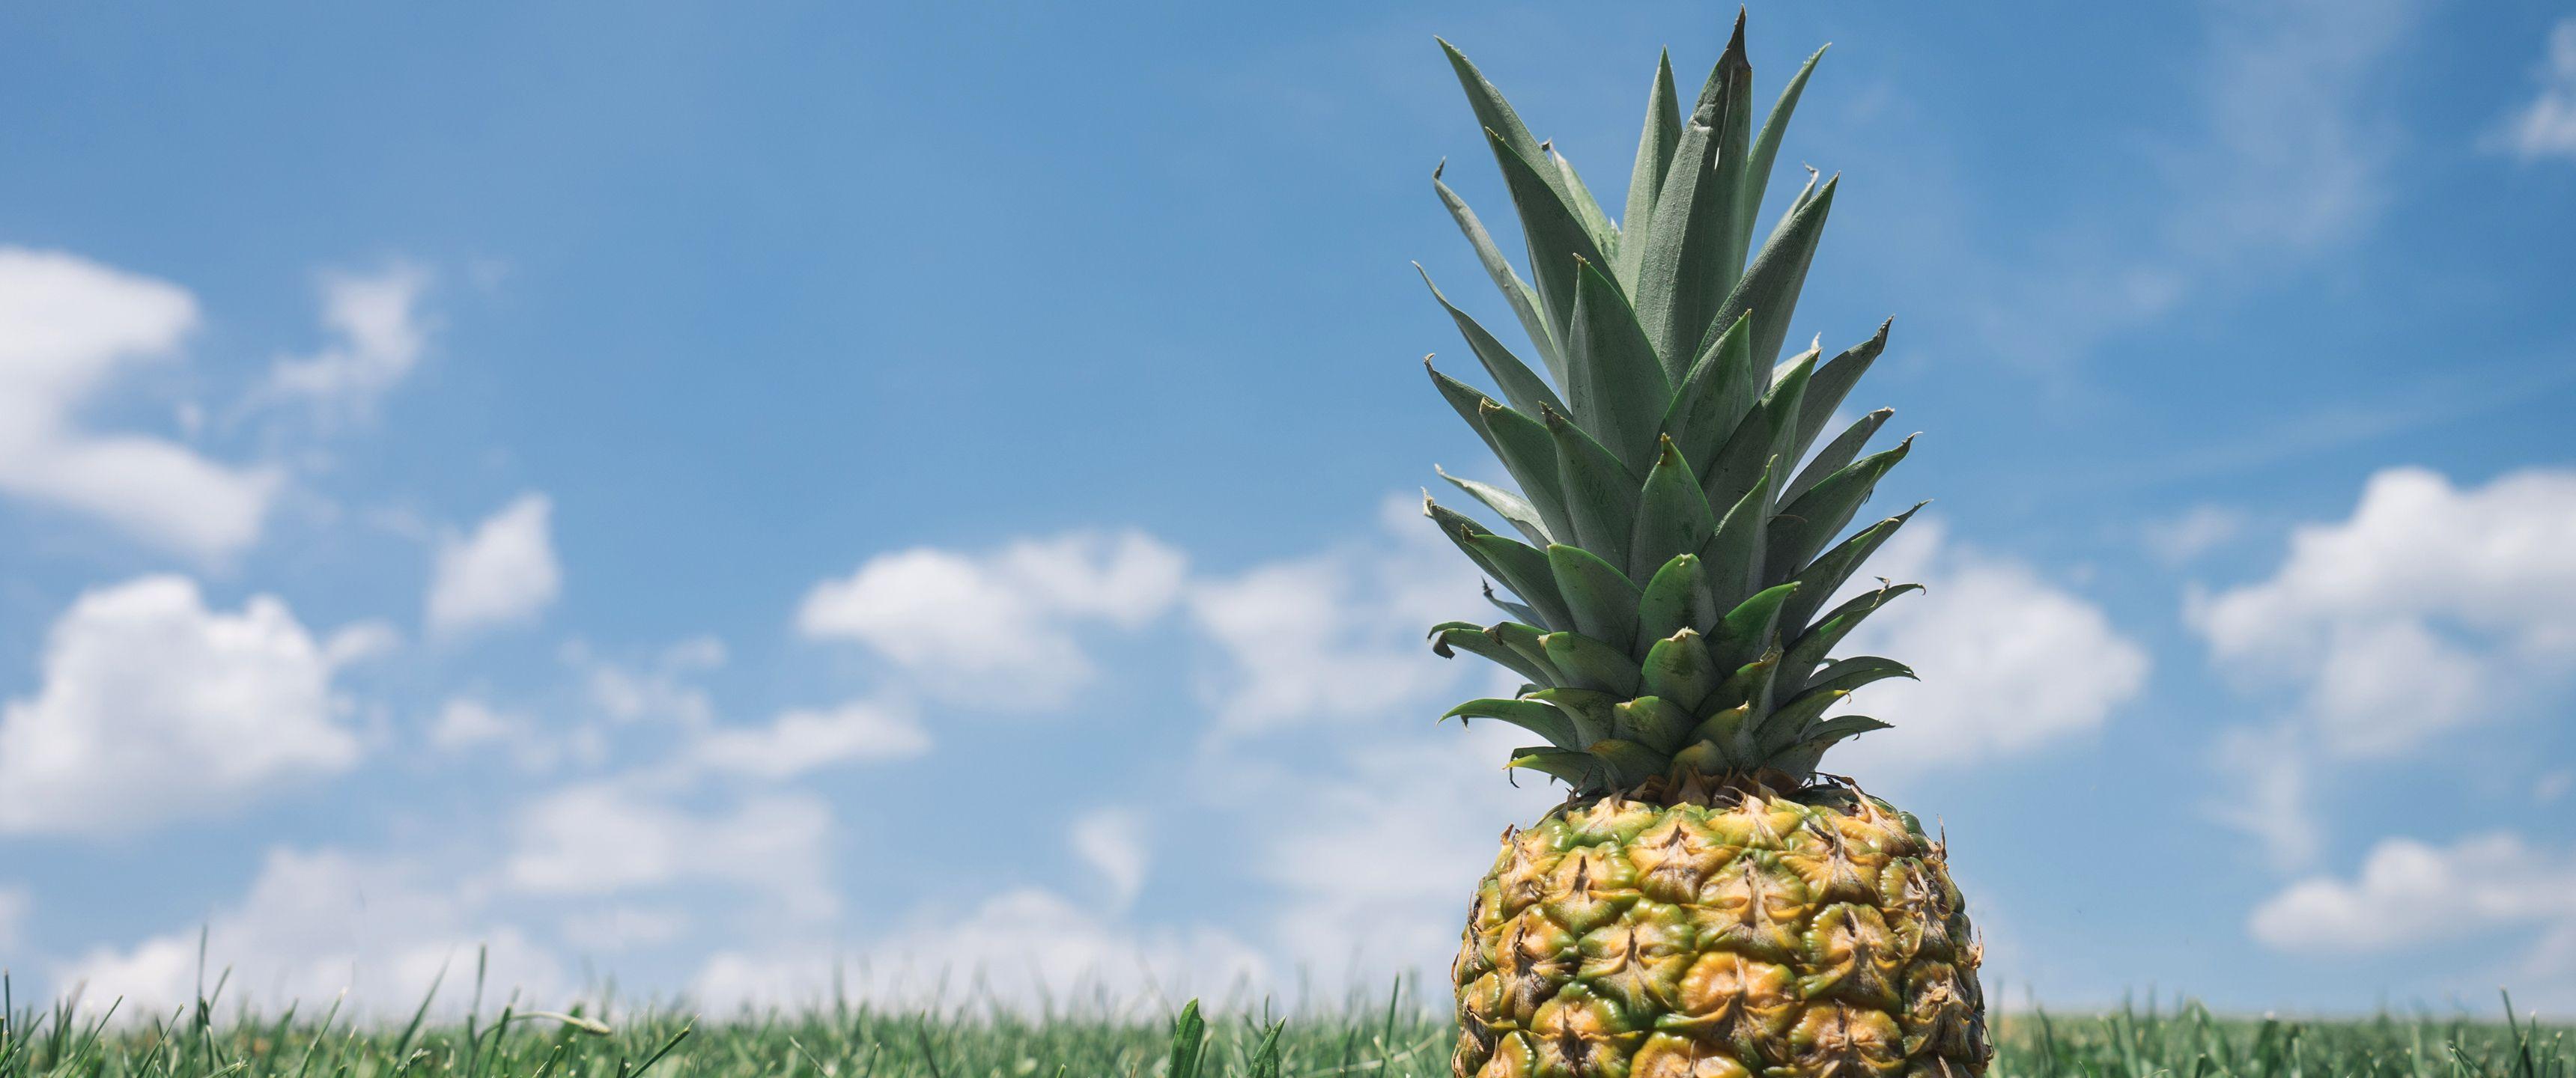 21 9 Ultrawide Hd Wallpaper 3440x1440 Sunbathin Pineapple Hd Wallpaper Sci Fi Wallpaper 3440x1440 Wallpaper